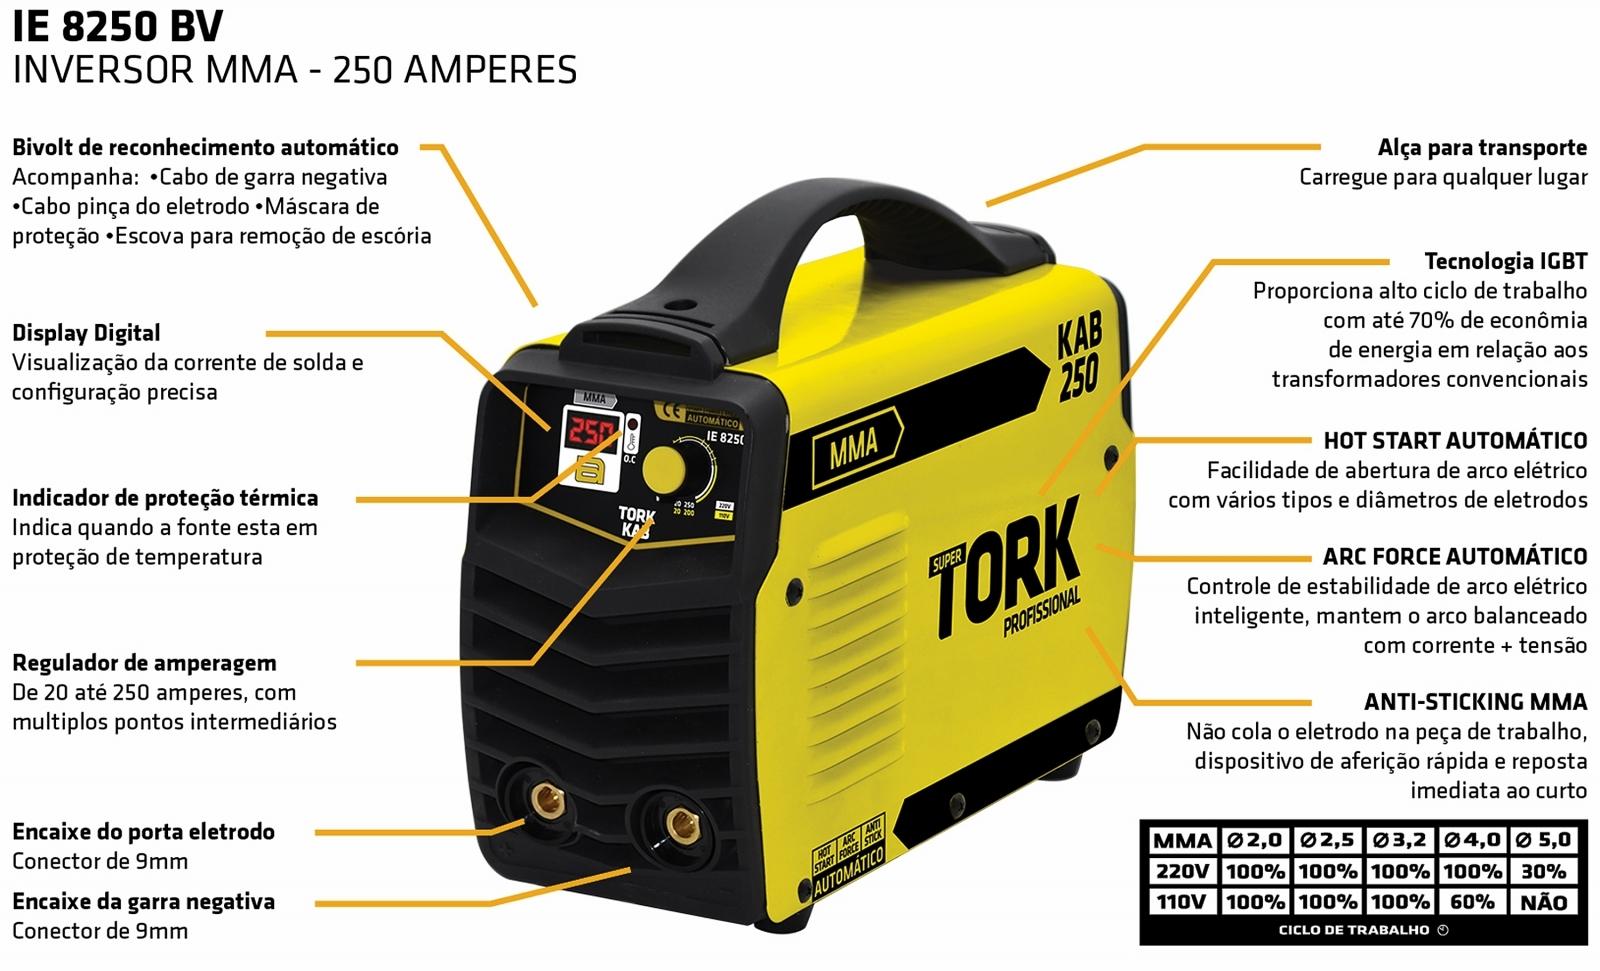 Maquina de Solda Inversora 250a Supertork Kab Ie-8250 Bivolt - St2 - Ferramentas MEP